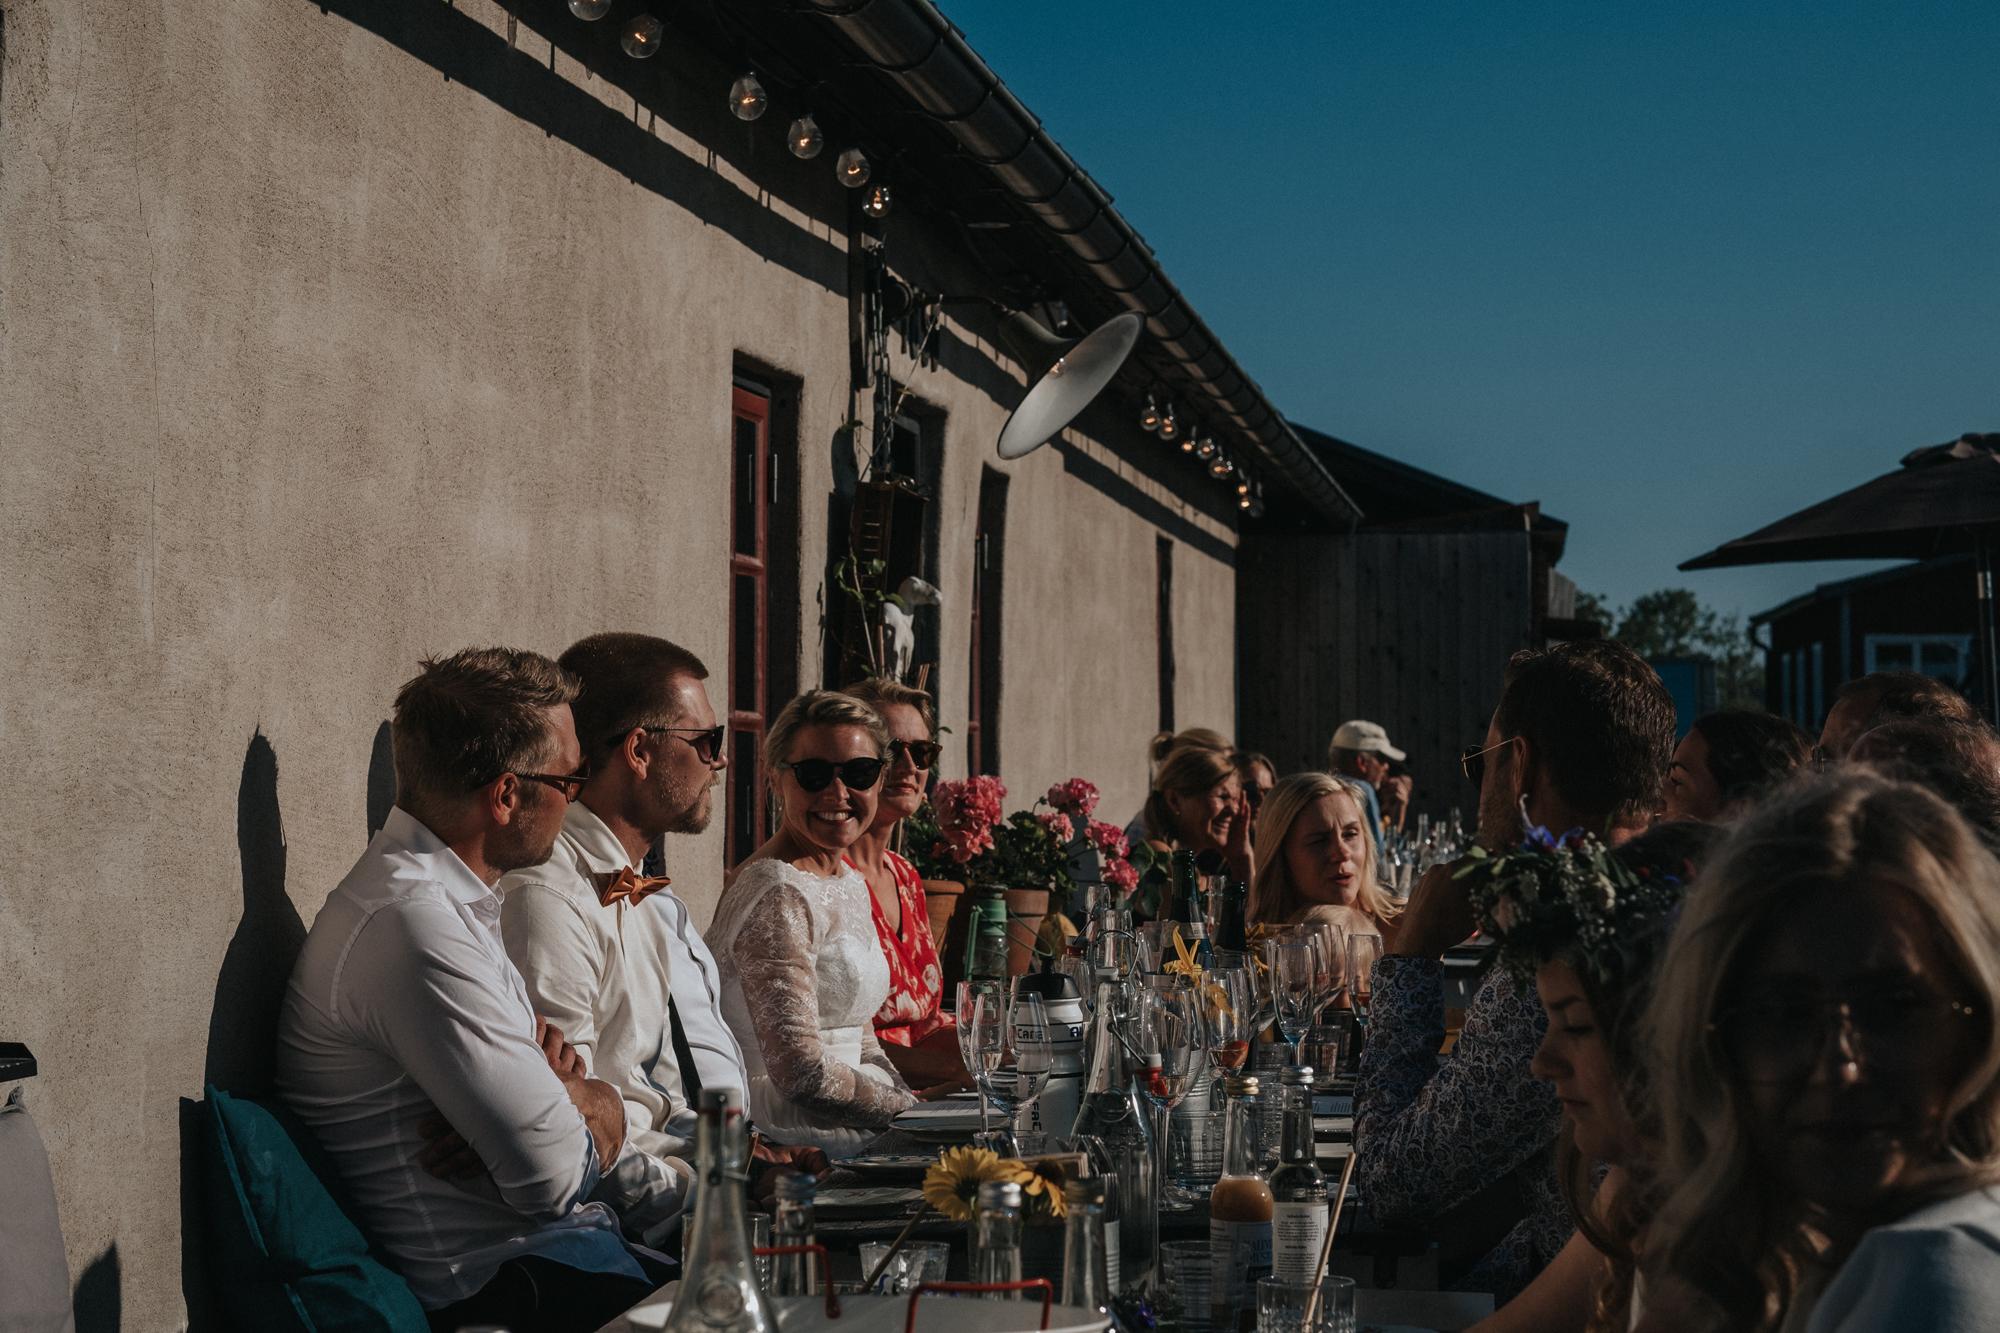 033-bröllop-fårögården-neas-fotografi.jpg